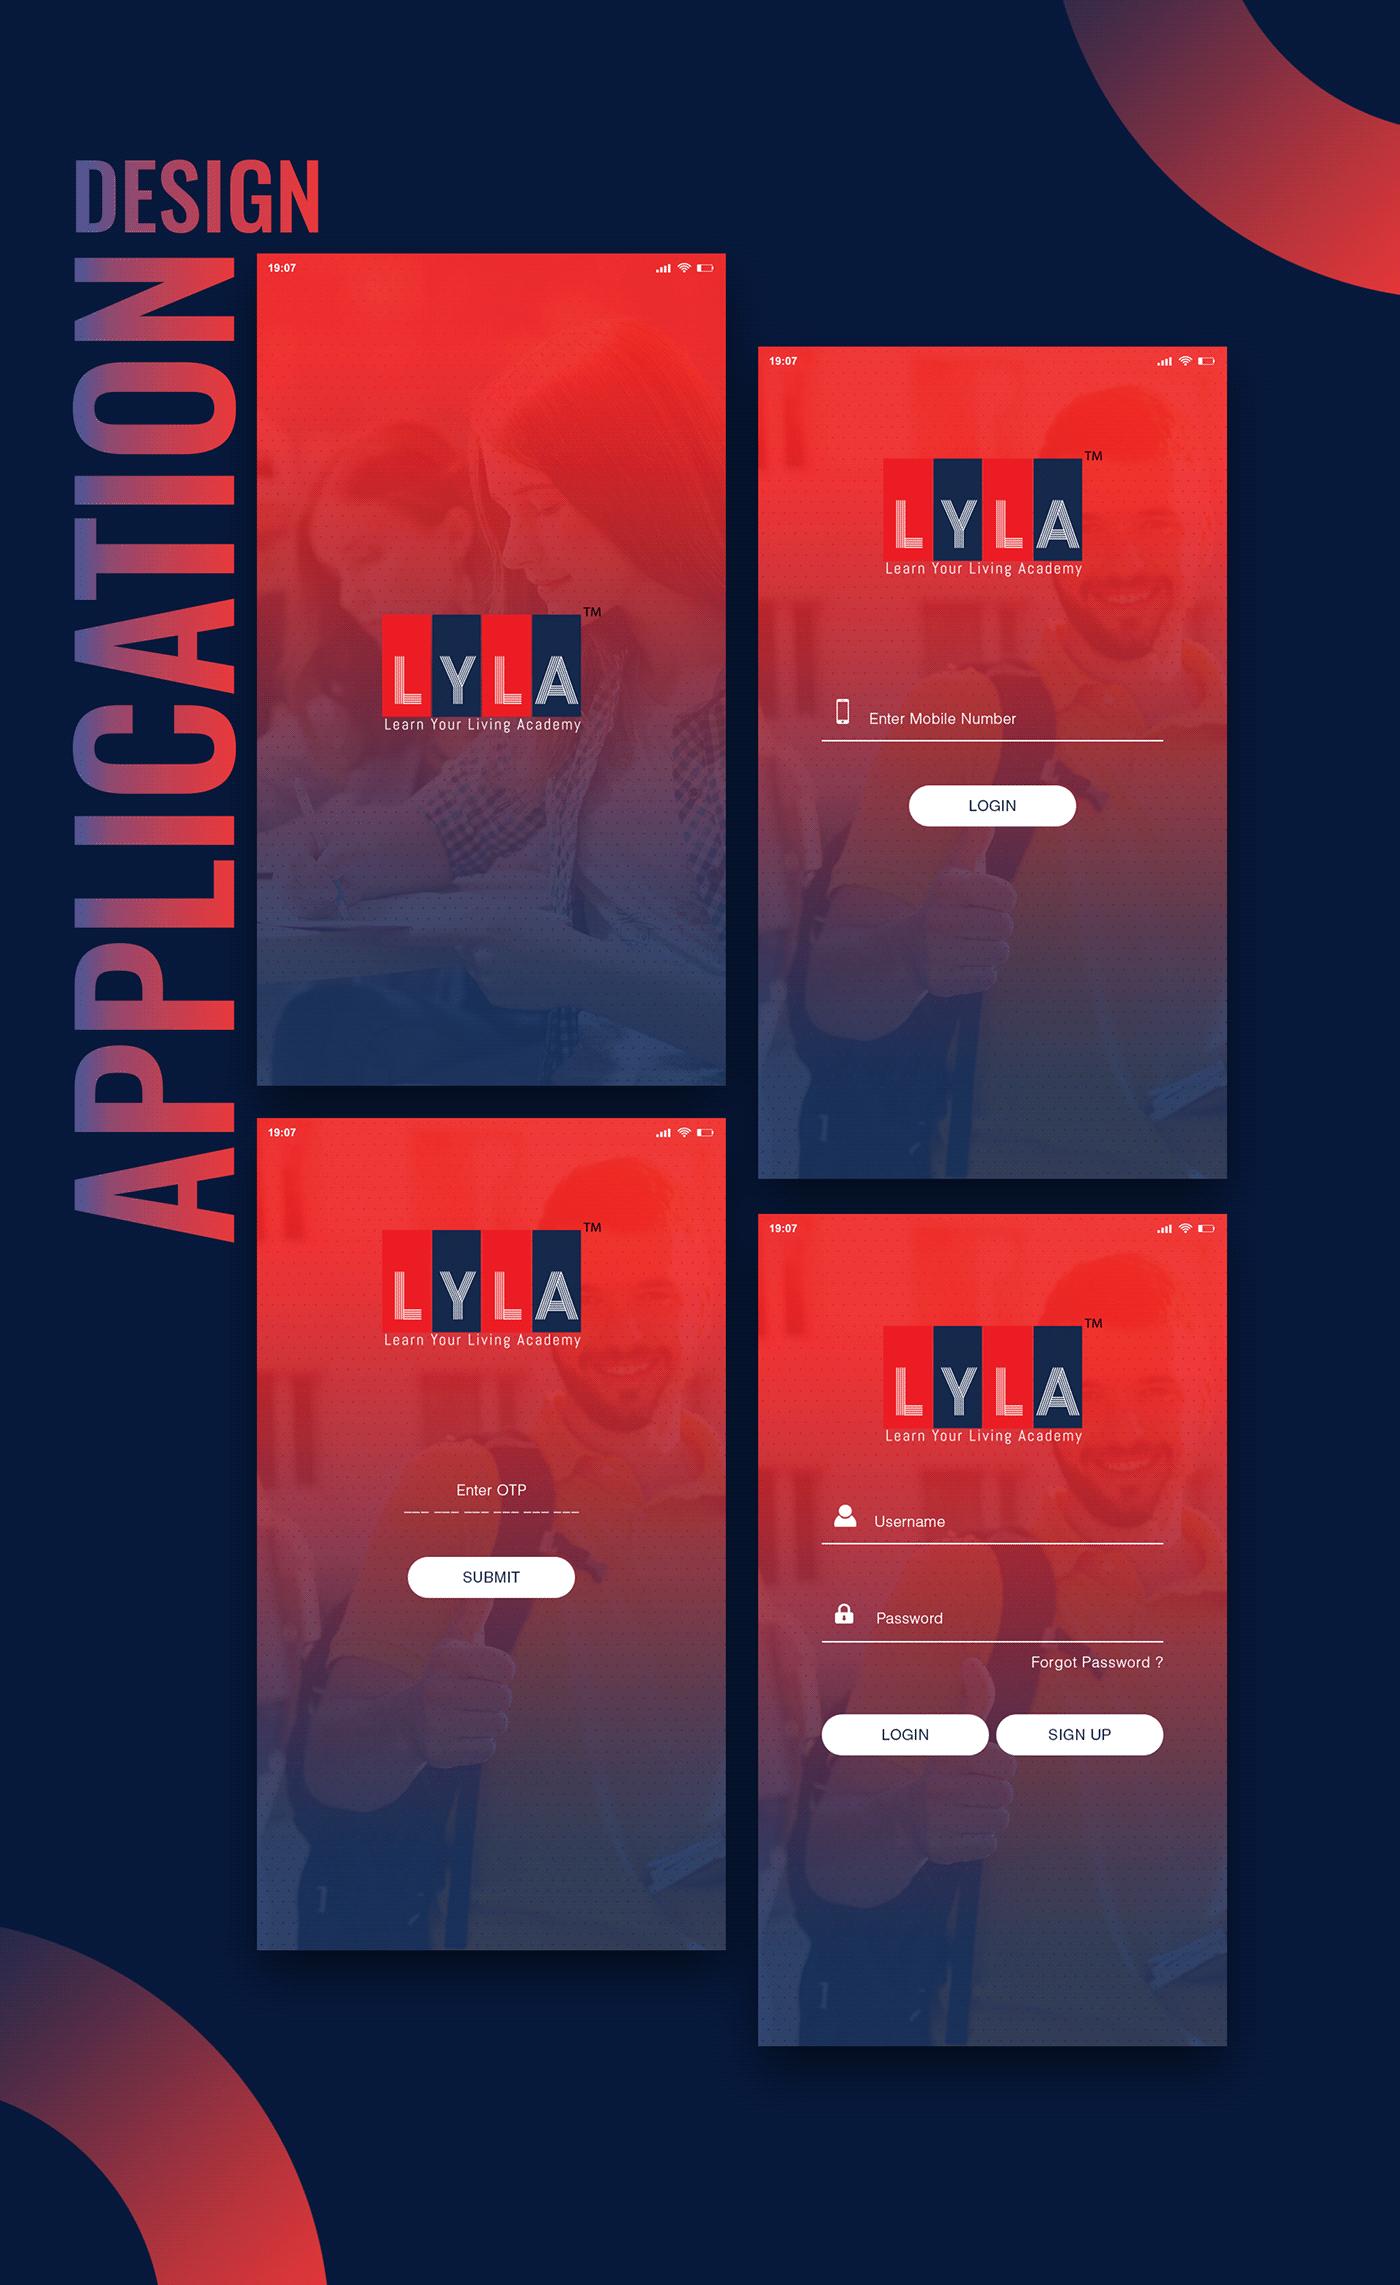 Appdesign cretiveappdesign uiux Webdesign